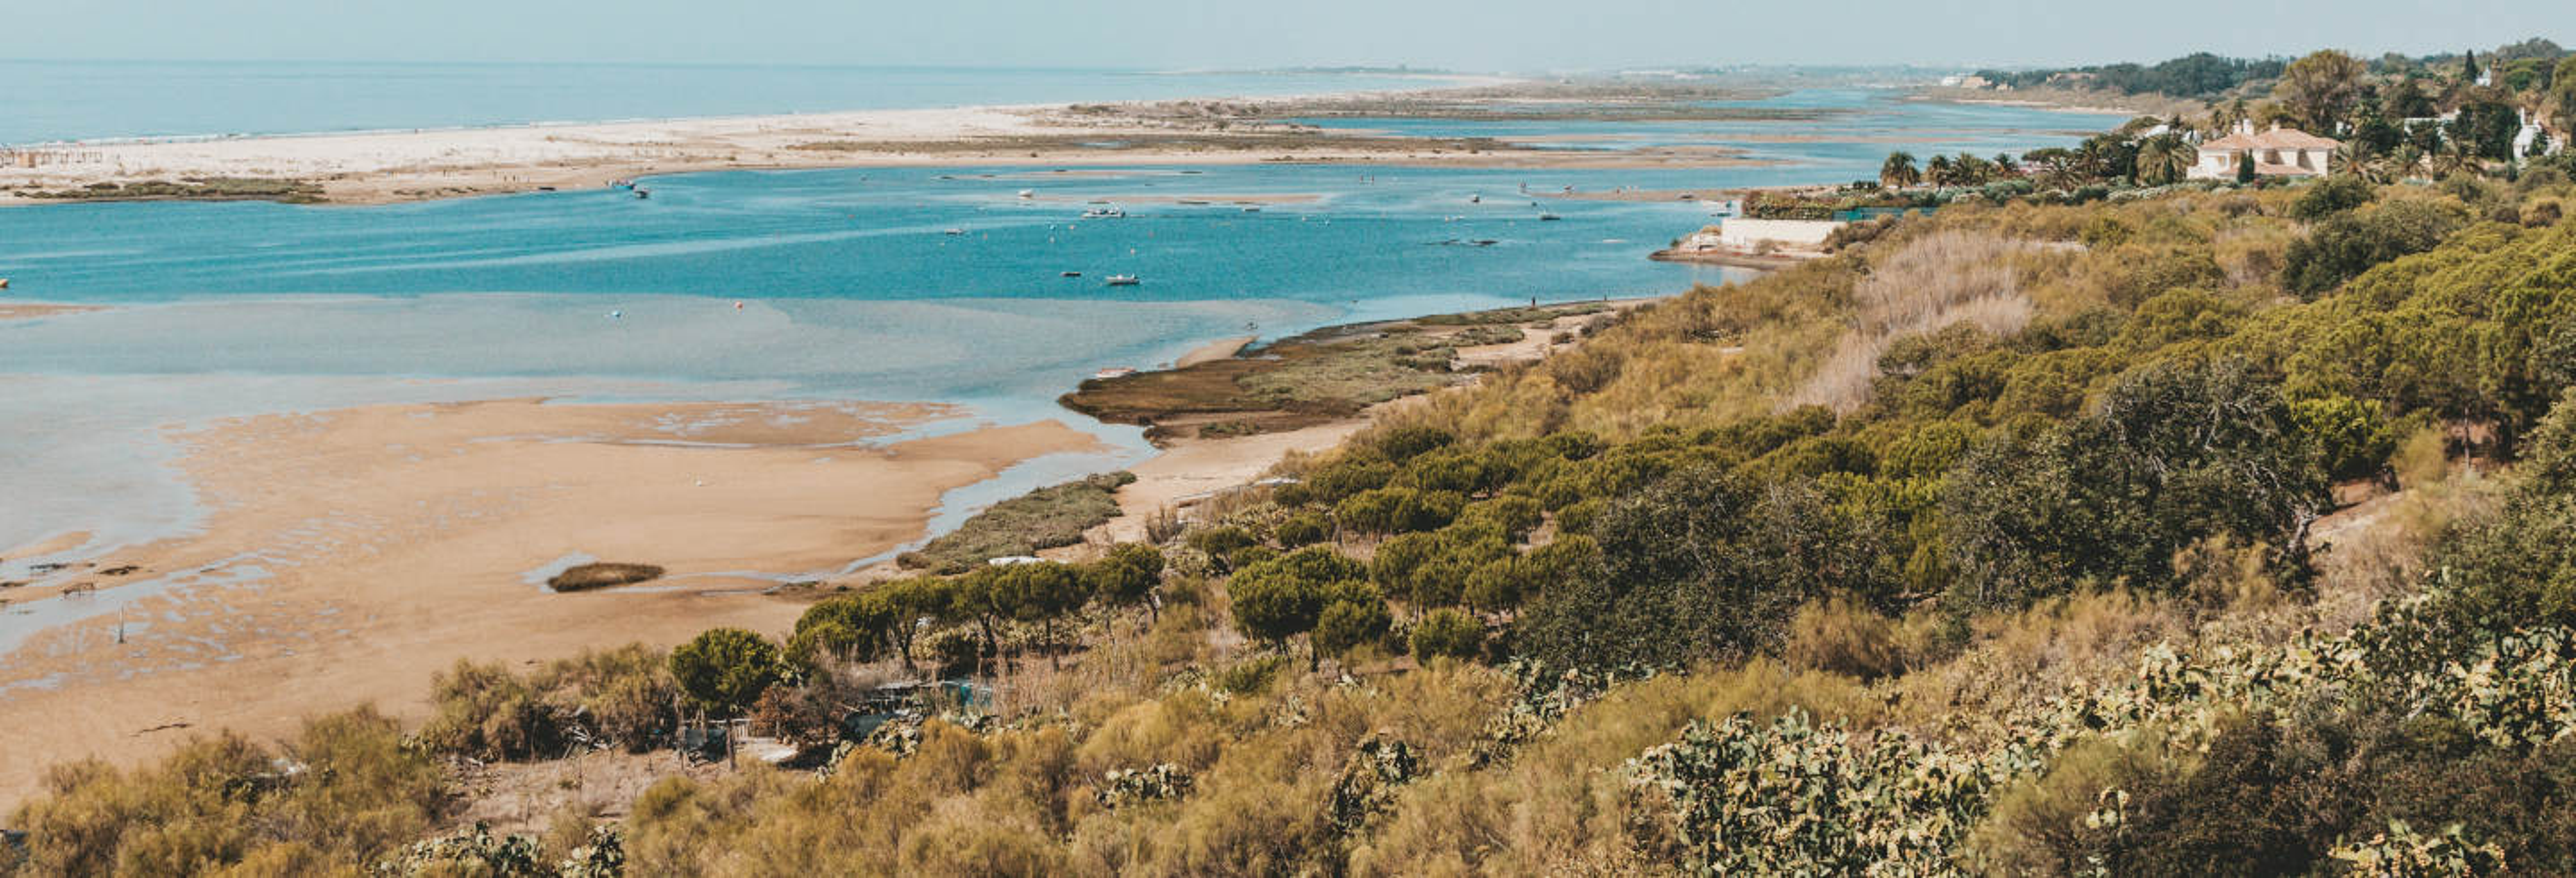 Balade en bateau à moteur sur la Ria Formosa